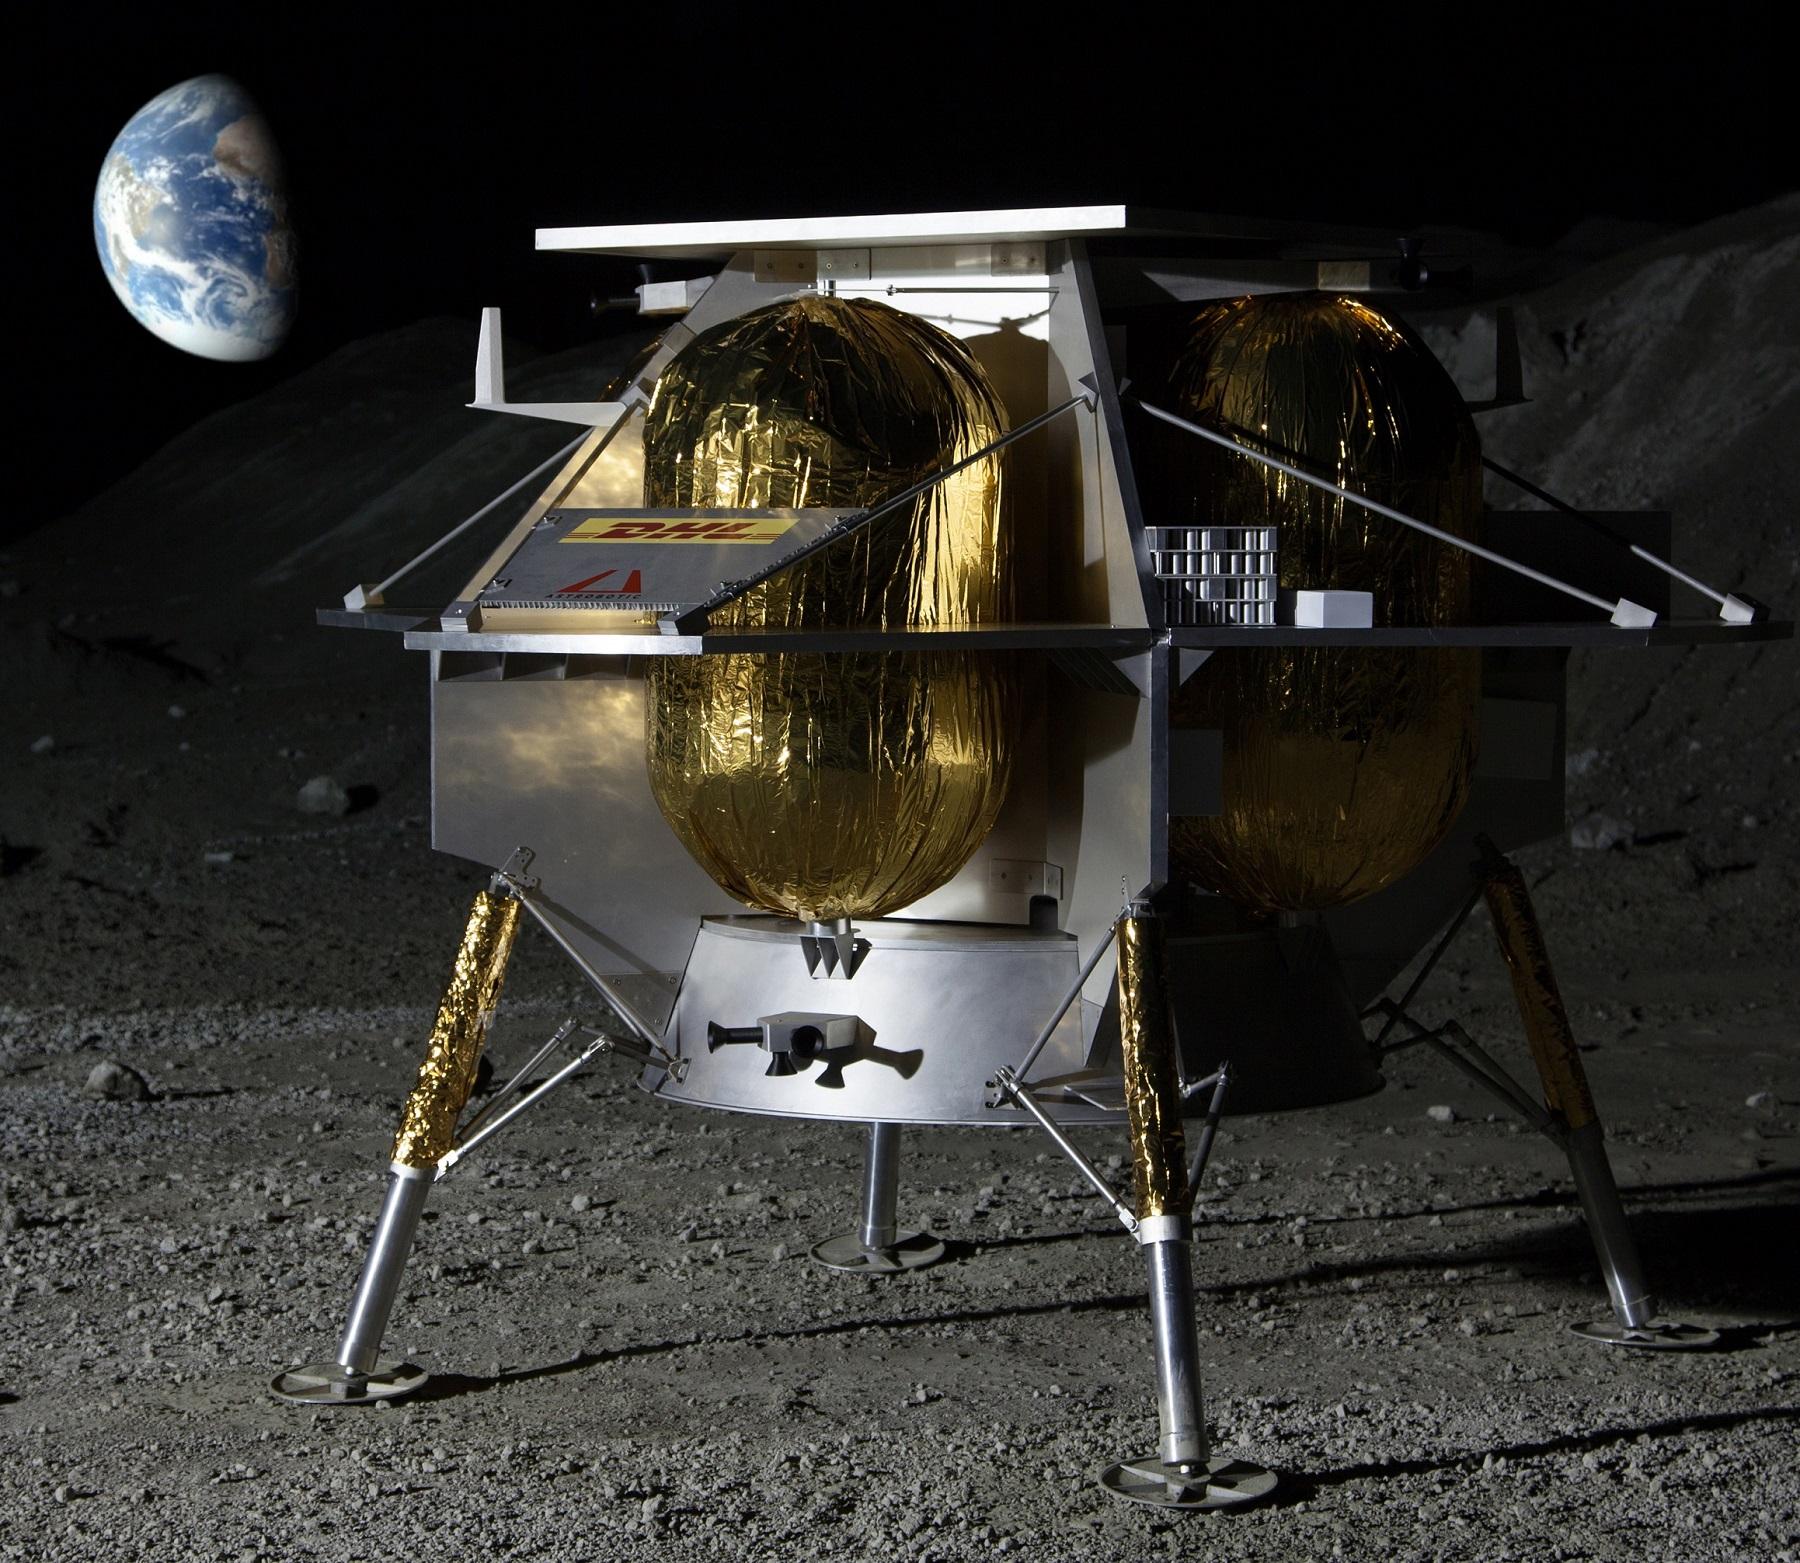 Astrobiotic lunar lander